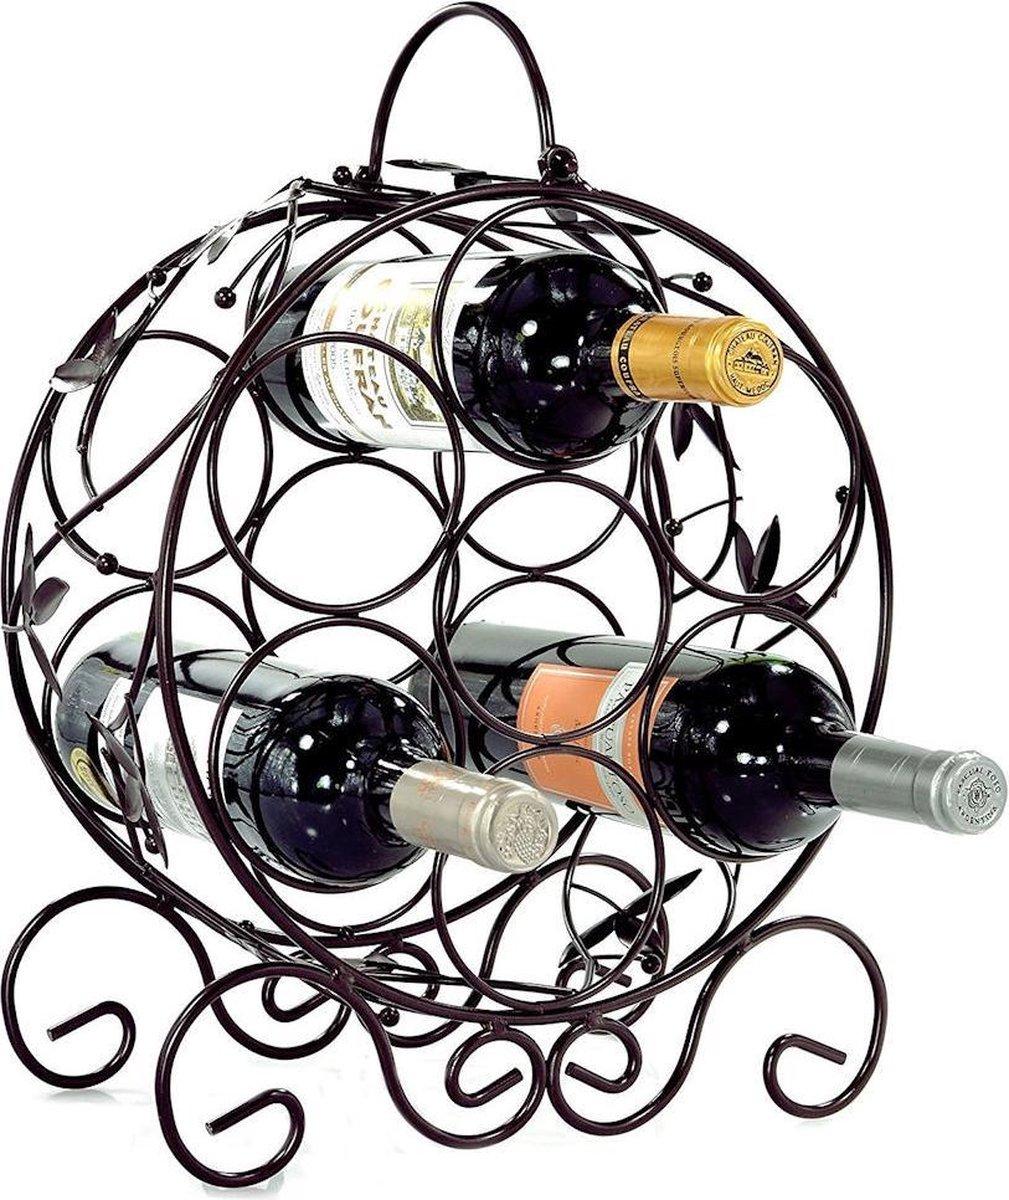 Decopatent® Staand Rond Wijnrek met Wijn Bladeren - Flessenrek voor 7 wijnflessen - Wijnrekken wijn flessen - Wijnrekje - Metaal